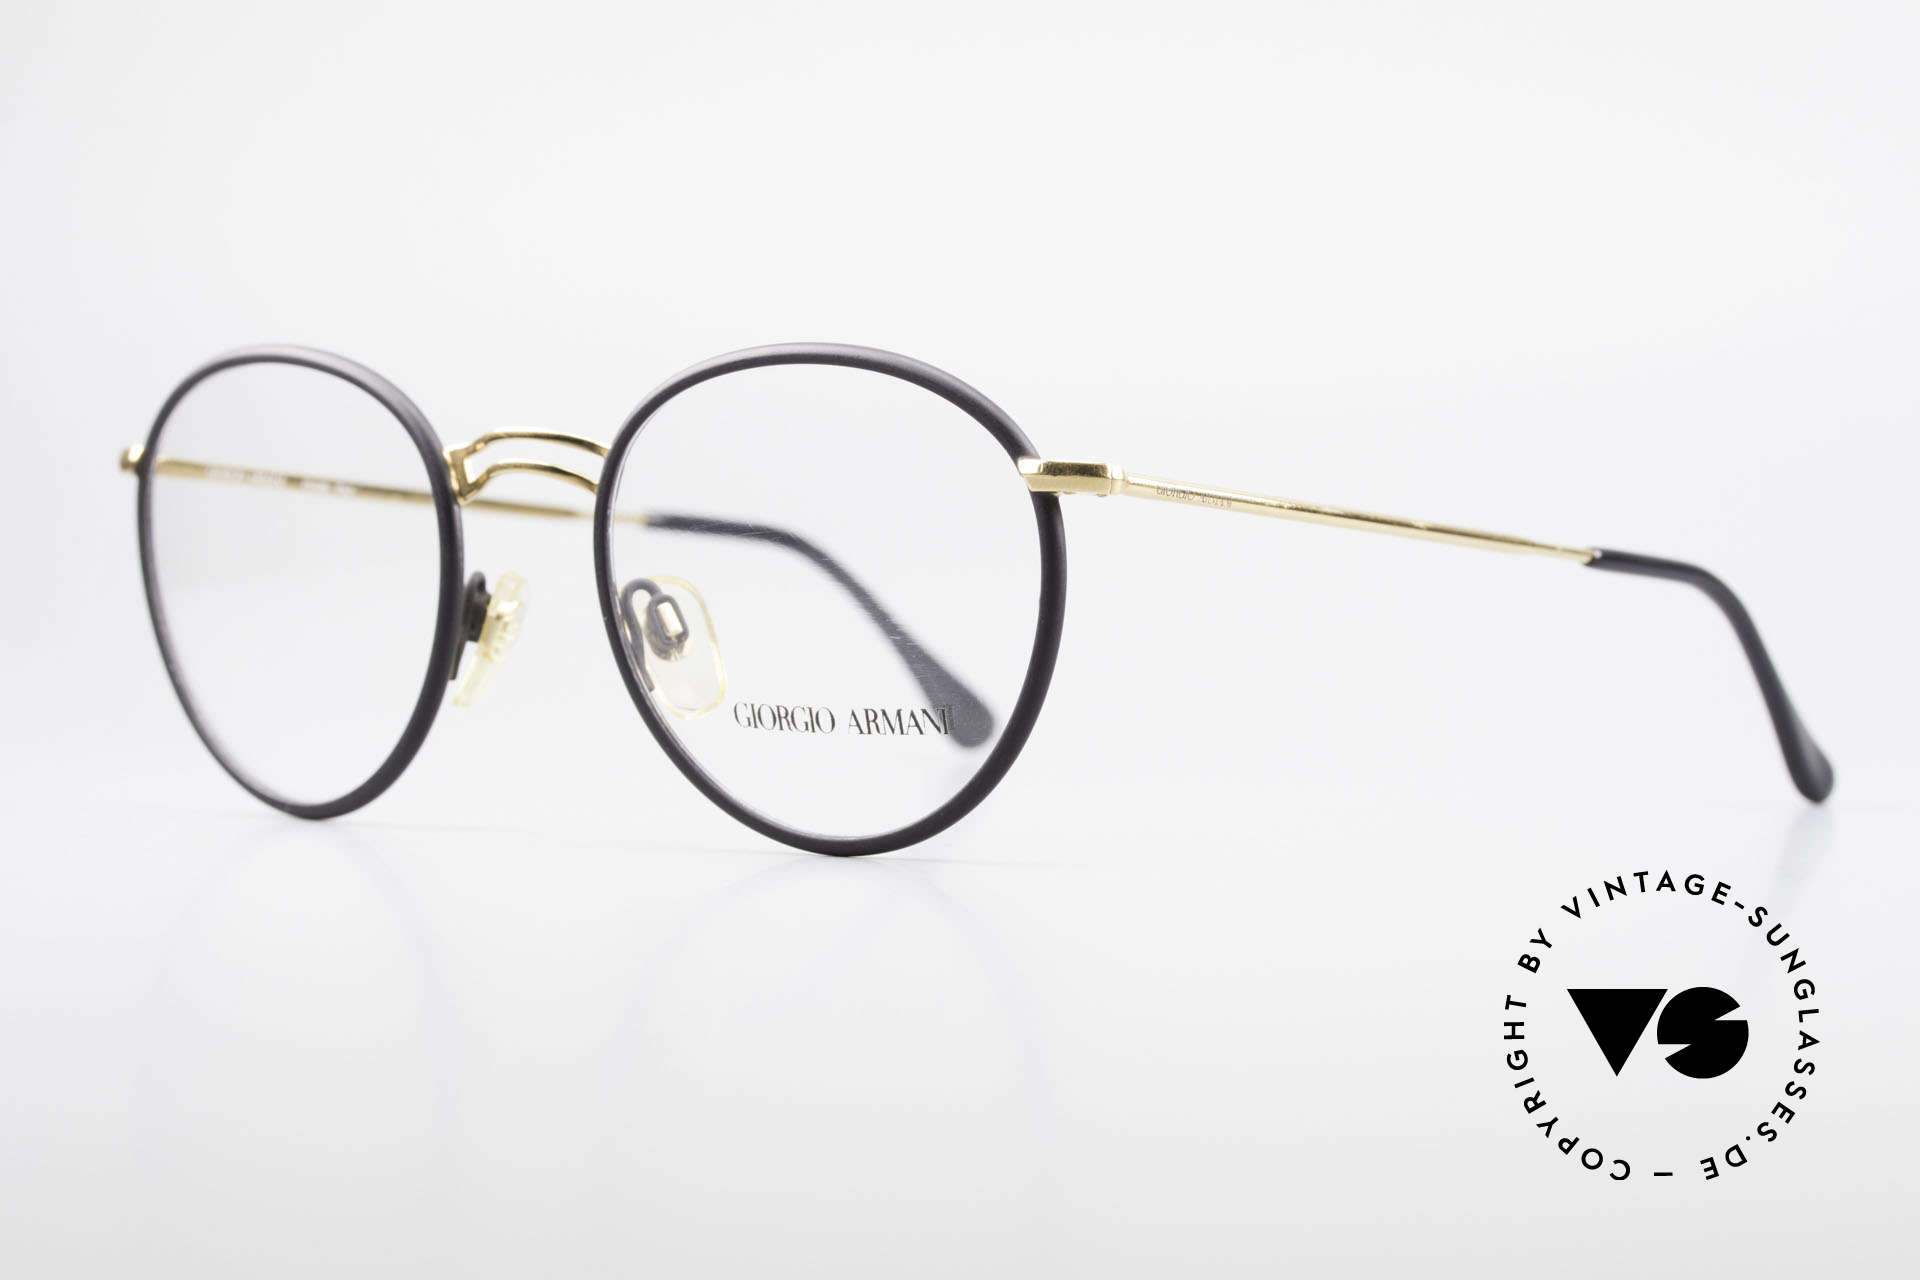 Giorgio Armani 152 Runde Vintage Brille Herren, wahre 'Gentlemen-Brille' in echter Premium-Qualität, Passend für Herren